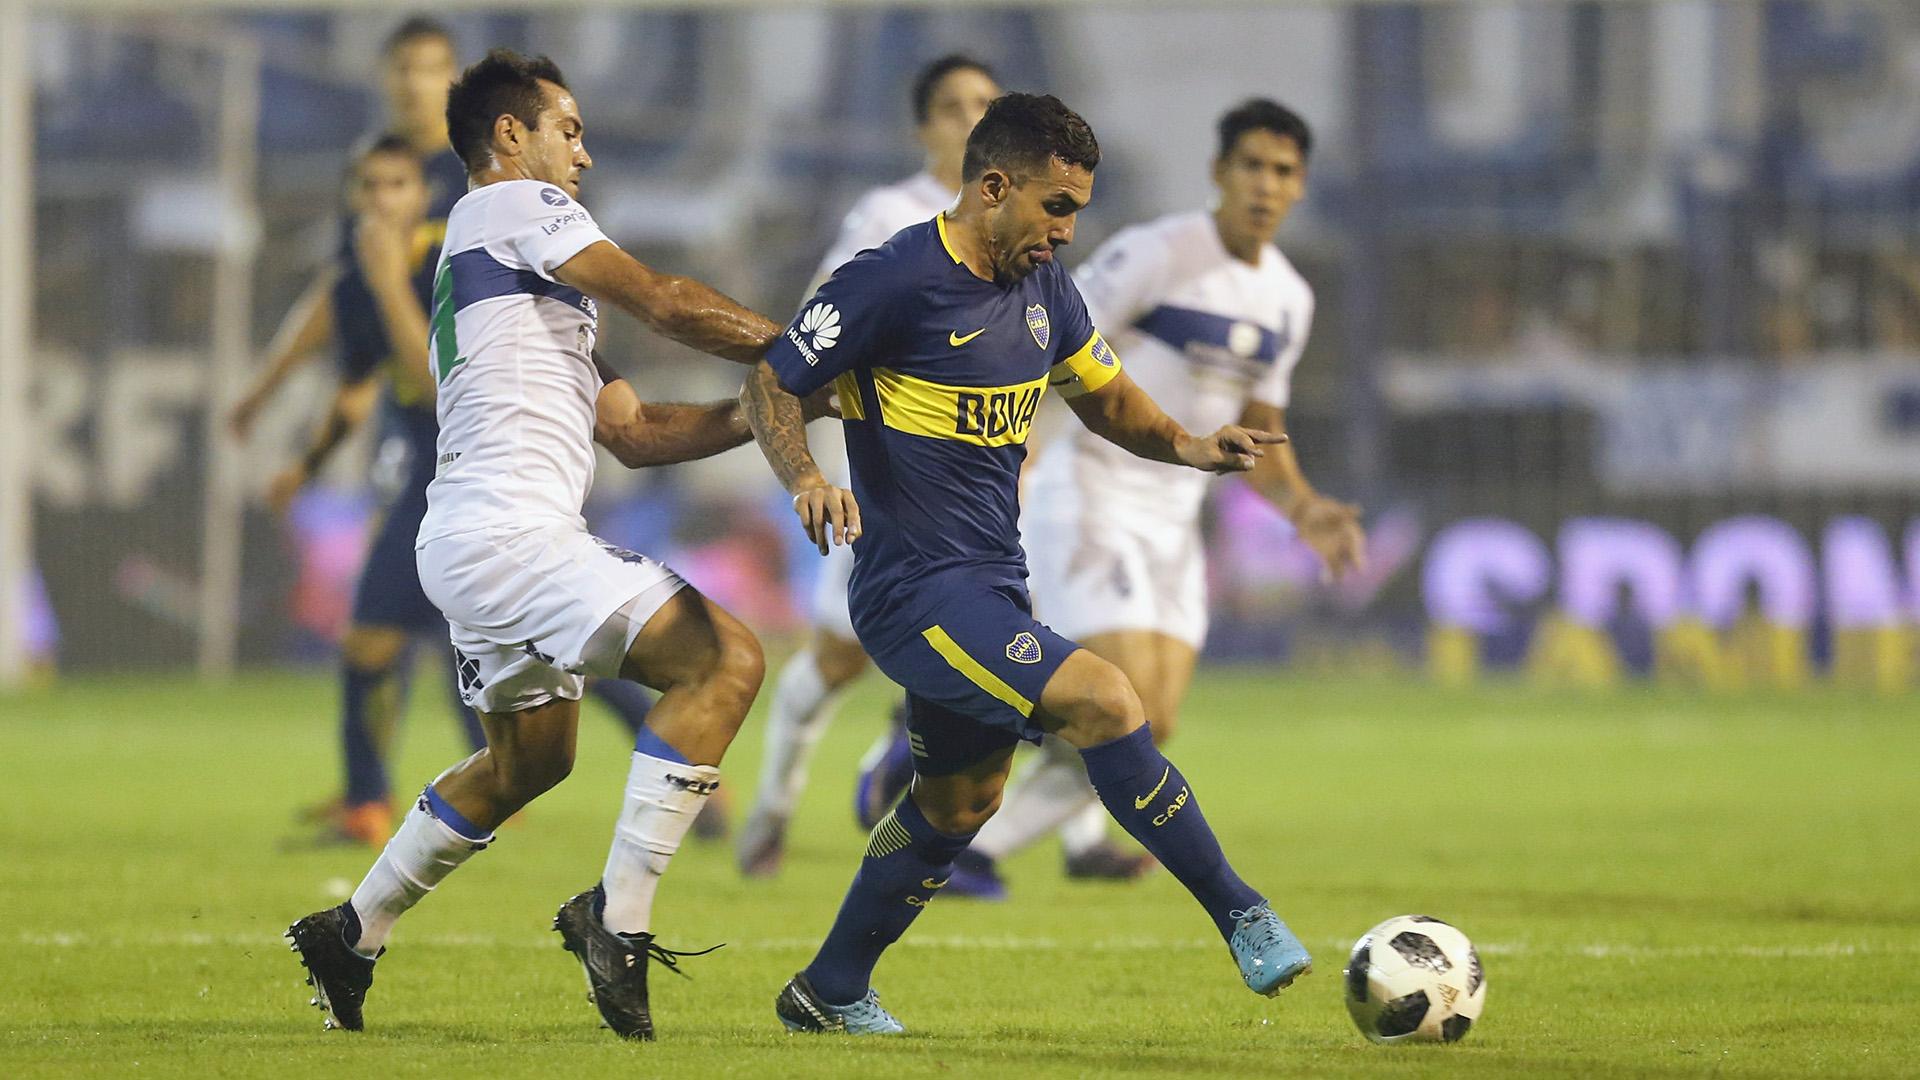 Tevez no mostró su mejor nivel y fue reemplazado por Oscar Benítez en el complemento